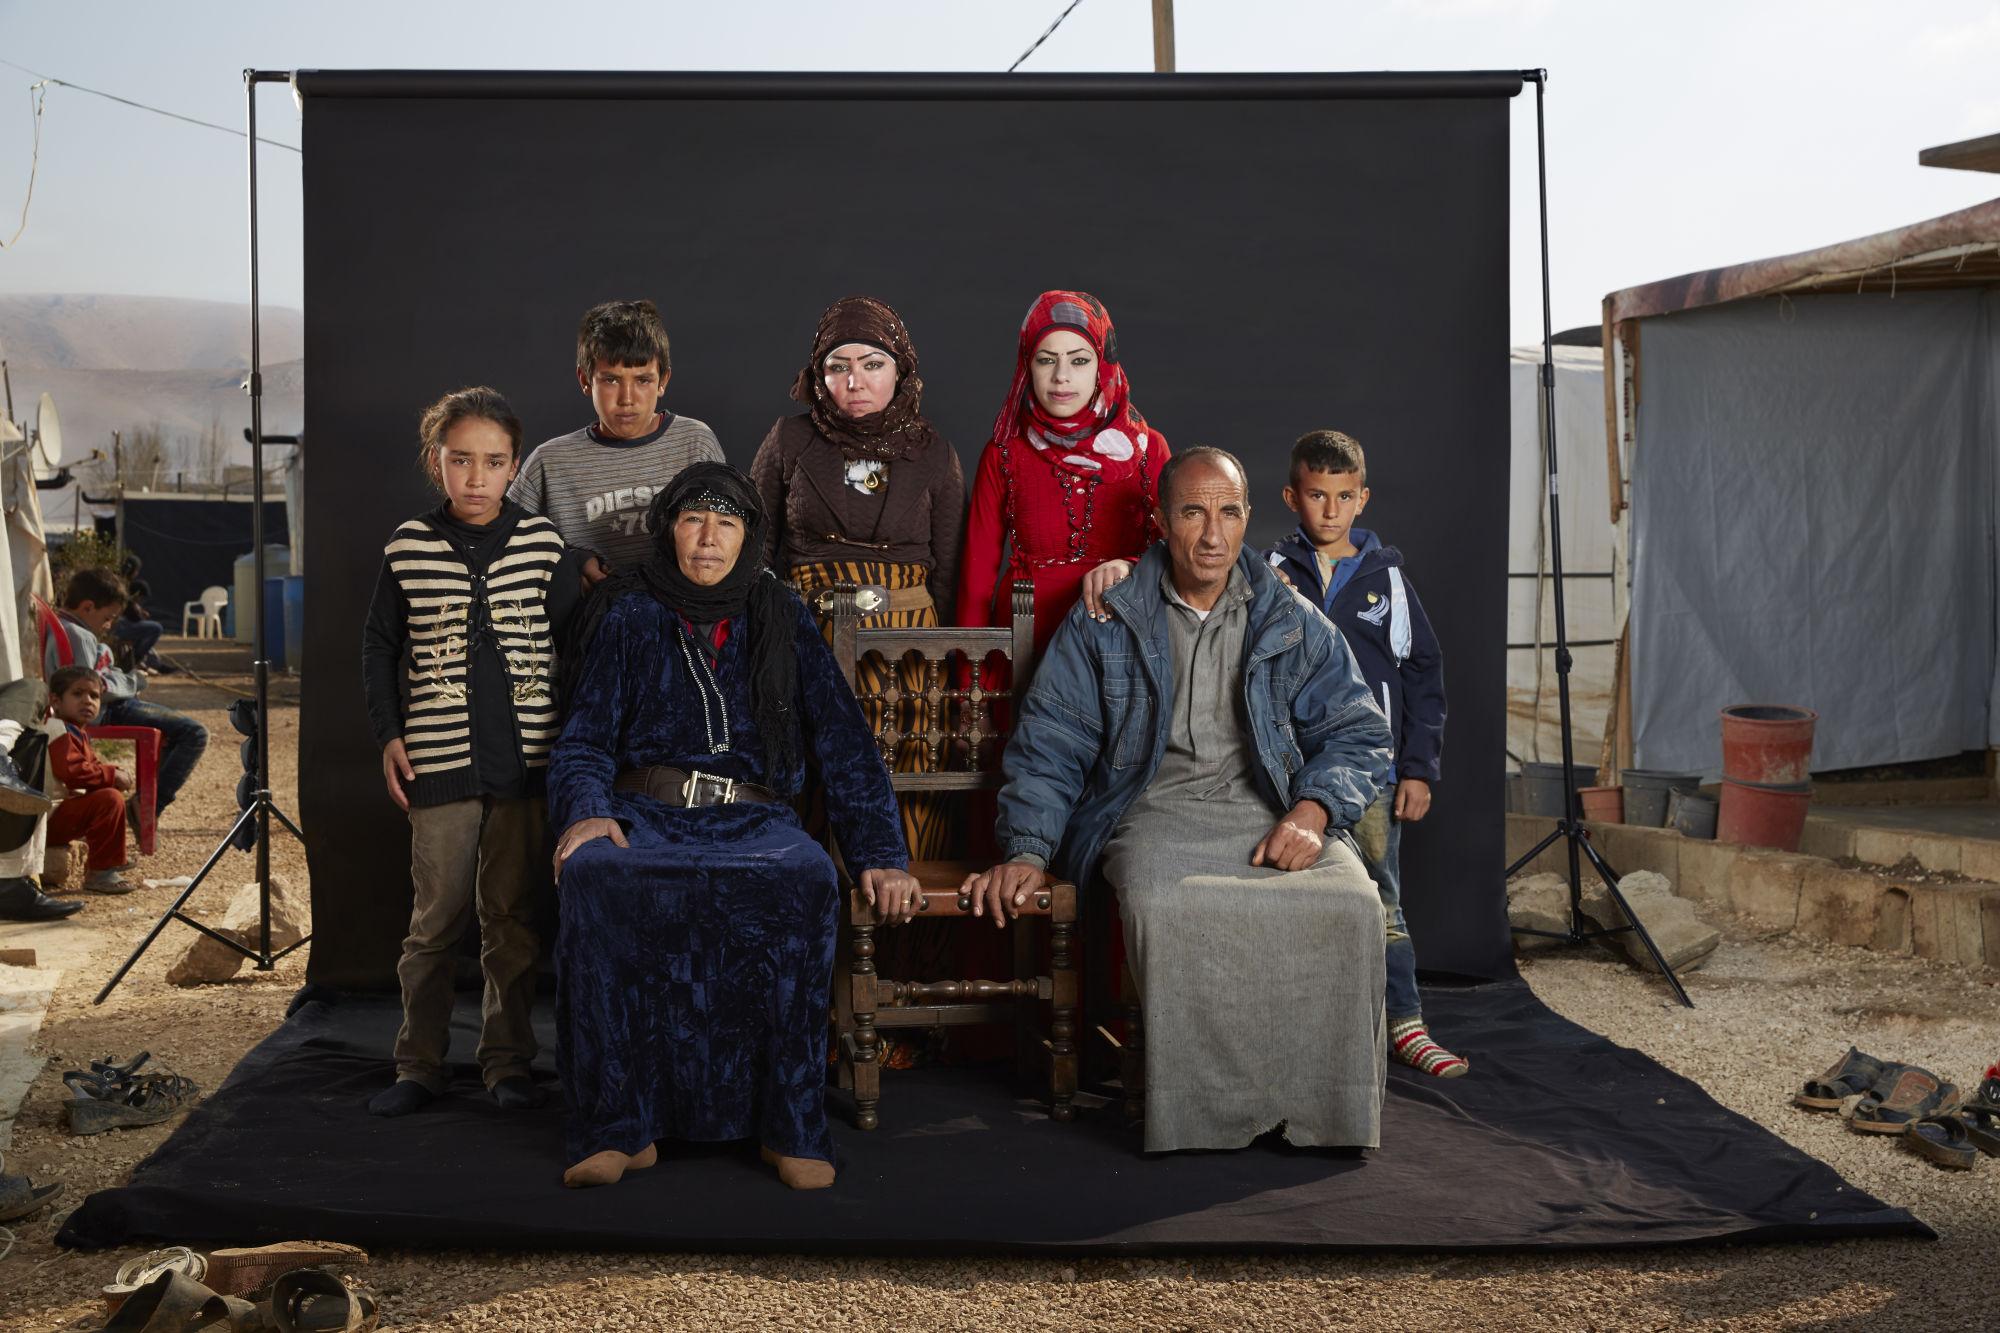 Il y a juste un an, Mohammed, 55 ans, était assis dans son salon avec sa famille lorsqu'un missile est tombé sur la maison.